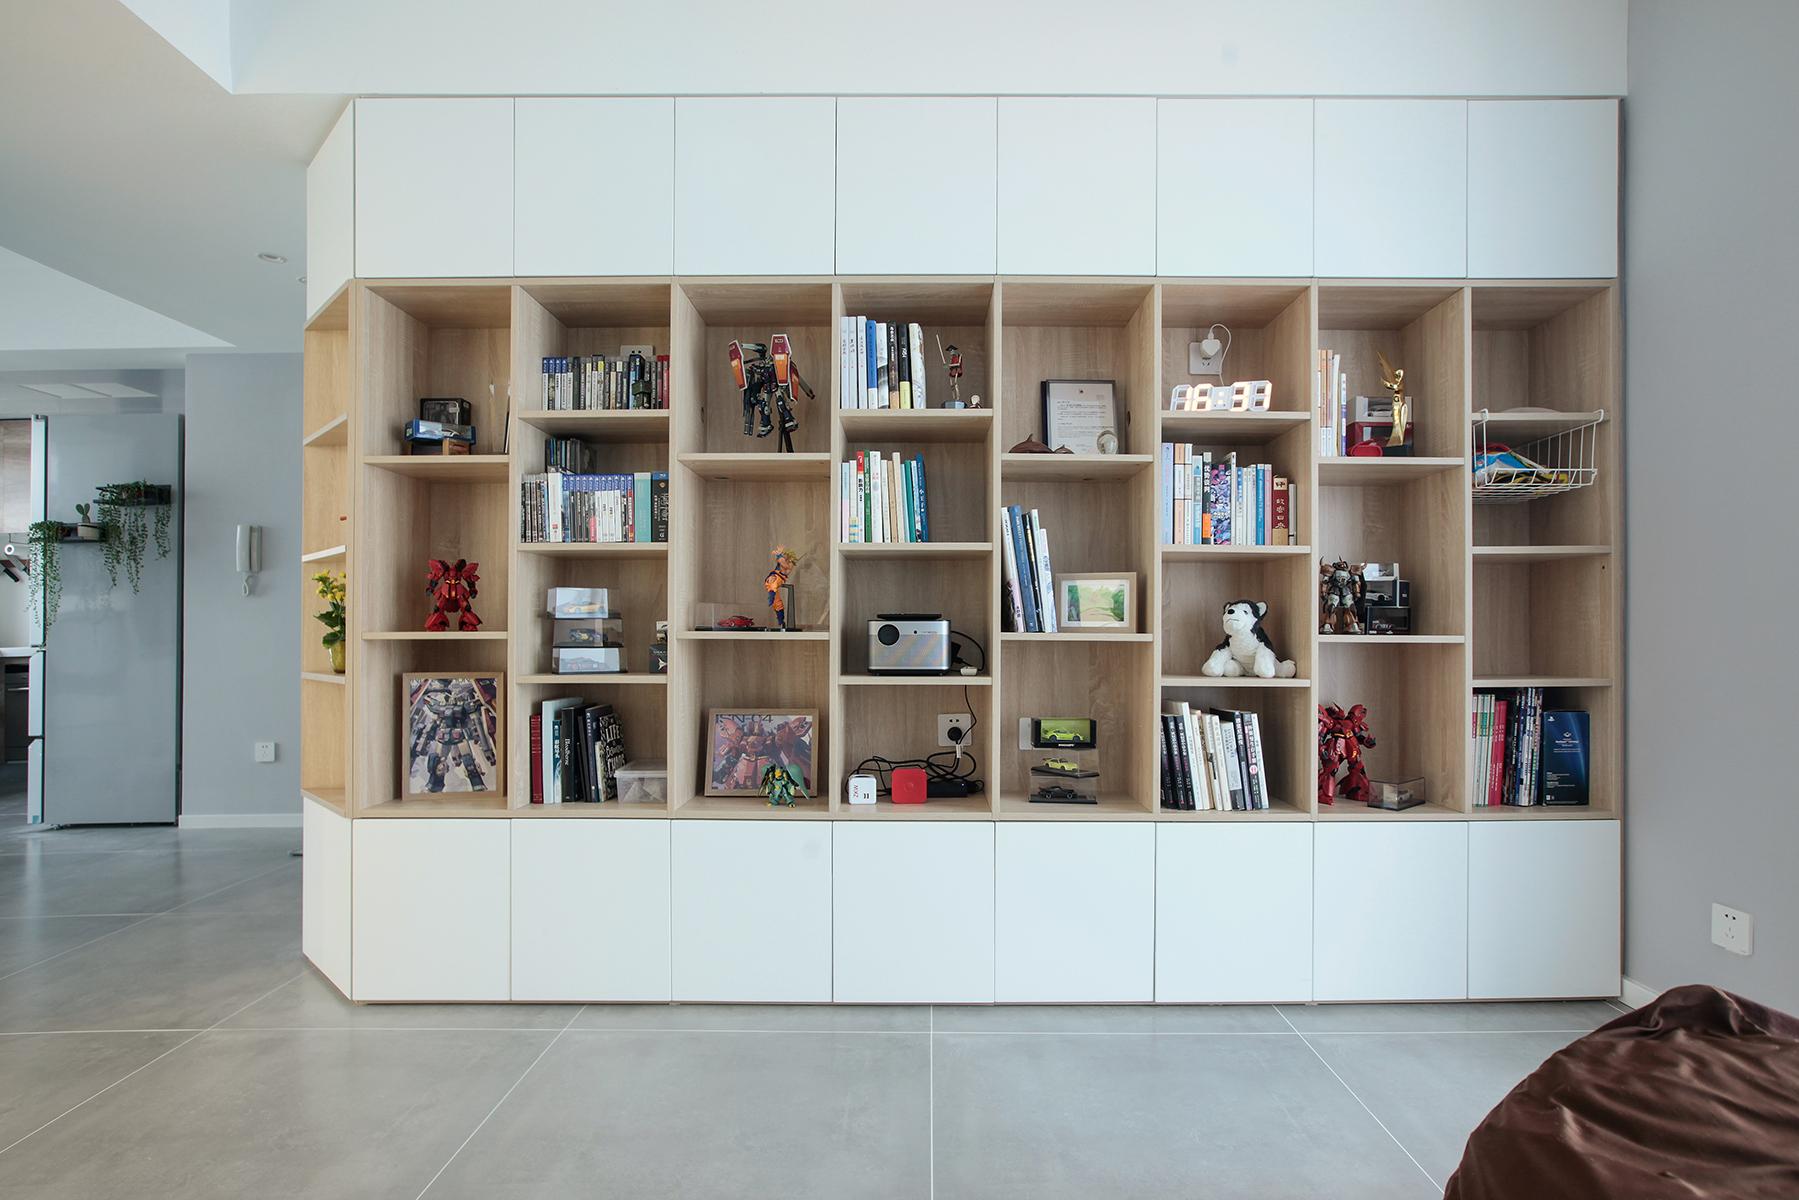 78㎡现代二居书柜墙装修效果图